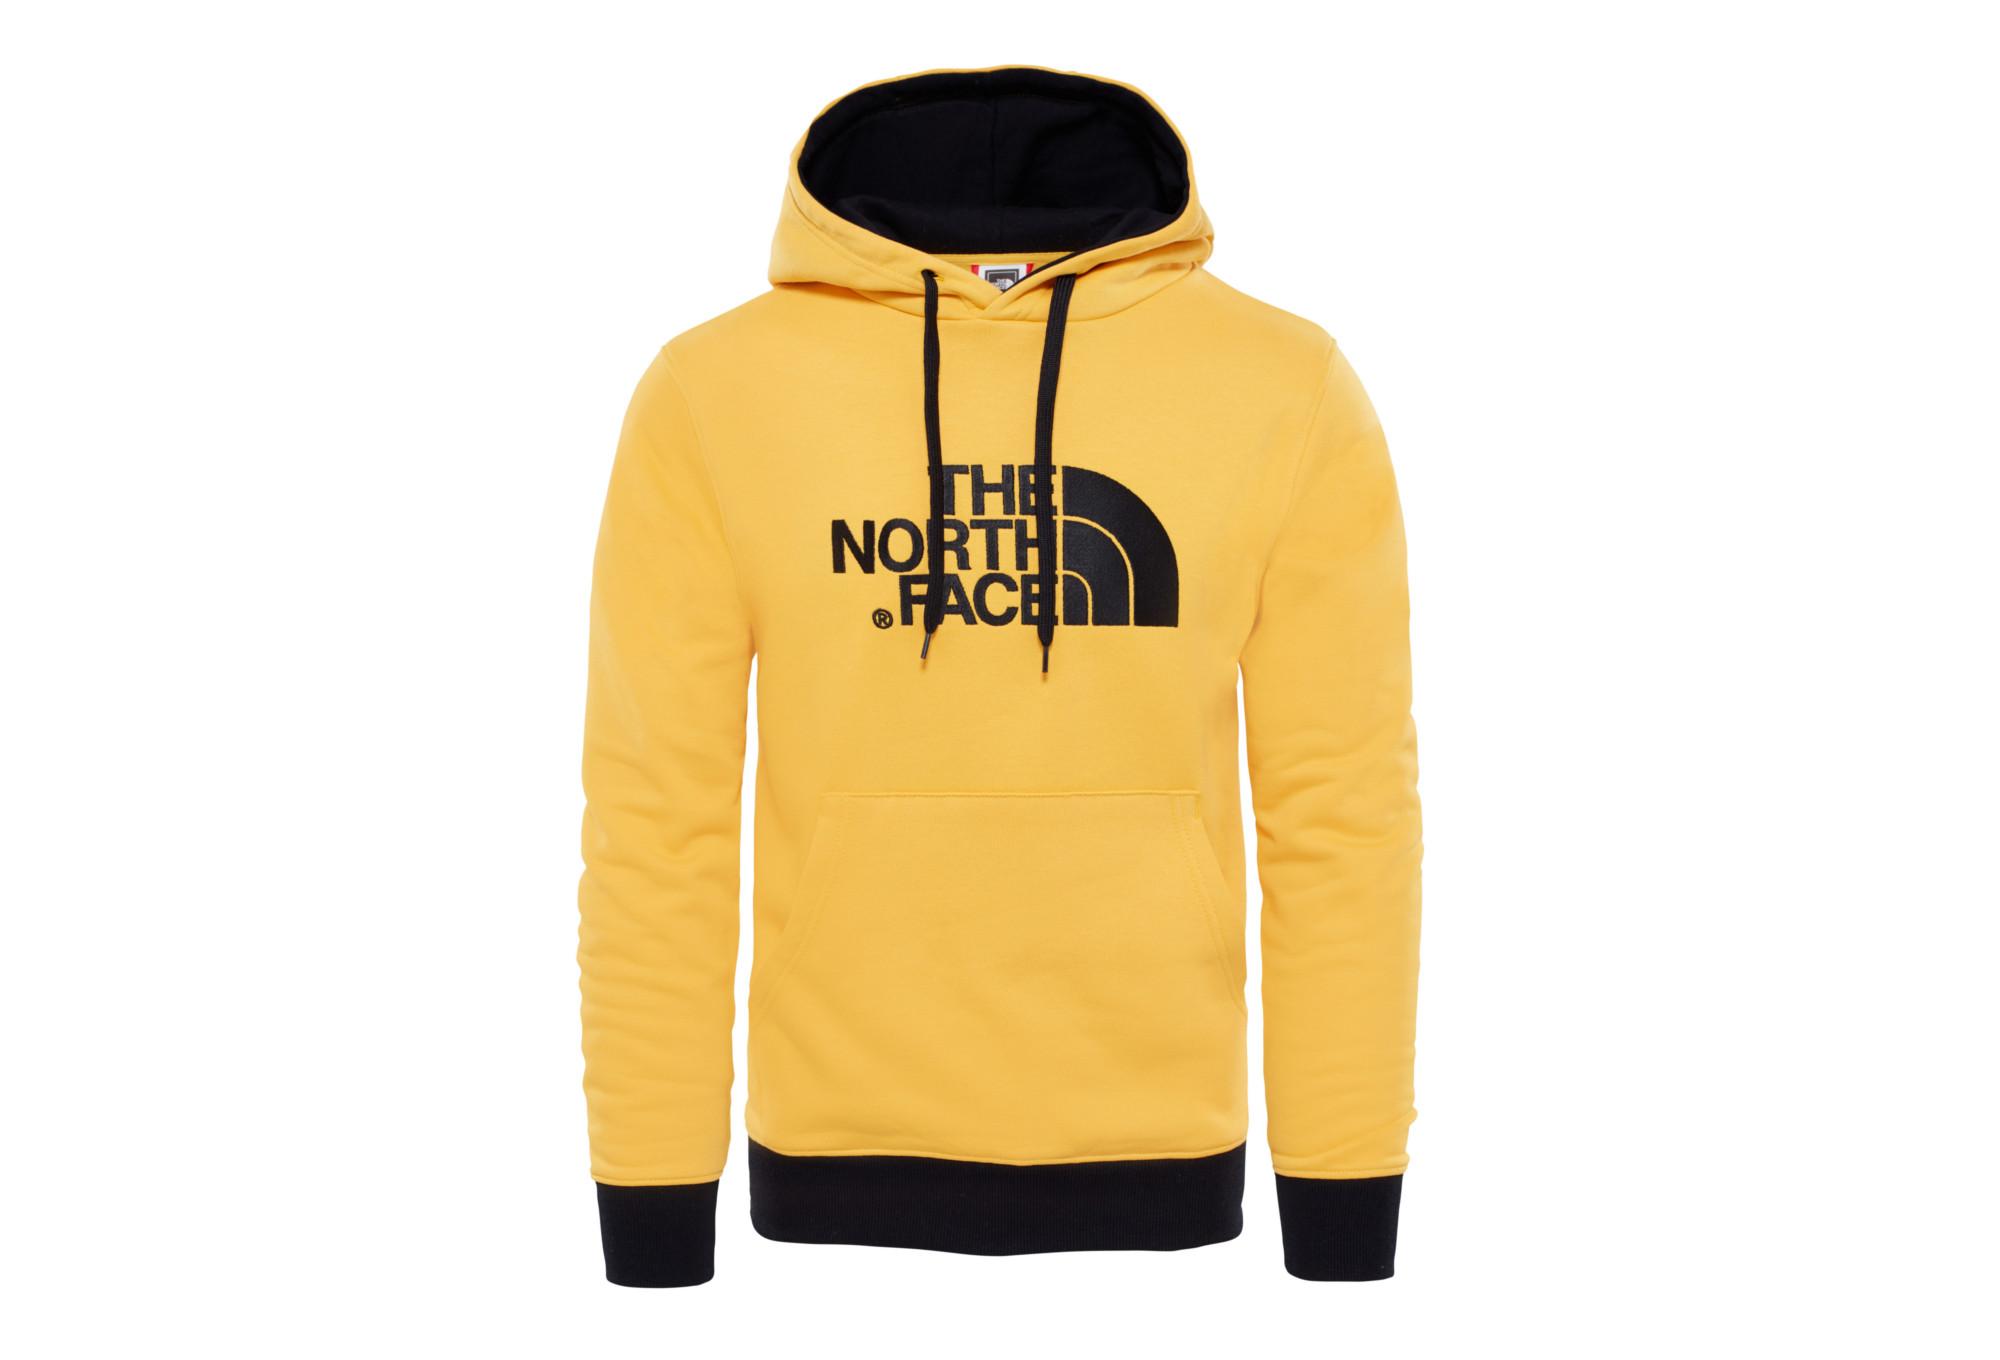 USA billig verkaufen 100% Zufriedenheitsgarantie attraktiver Stil Der North Face Drew Peak Hoodie Gelb Schwarz